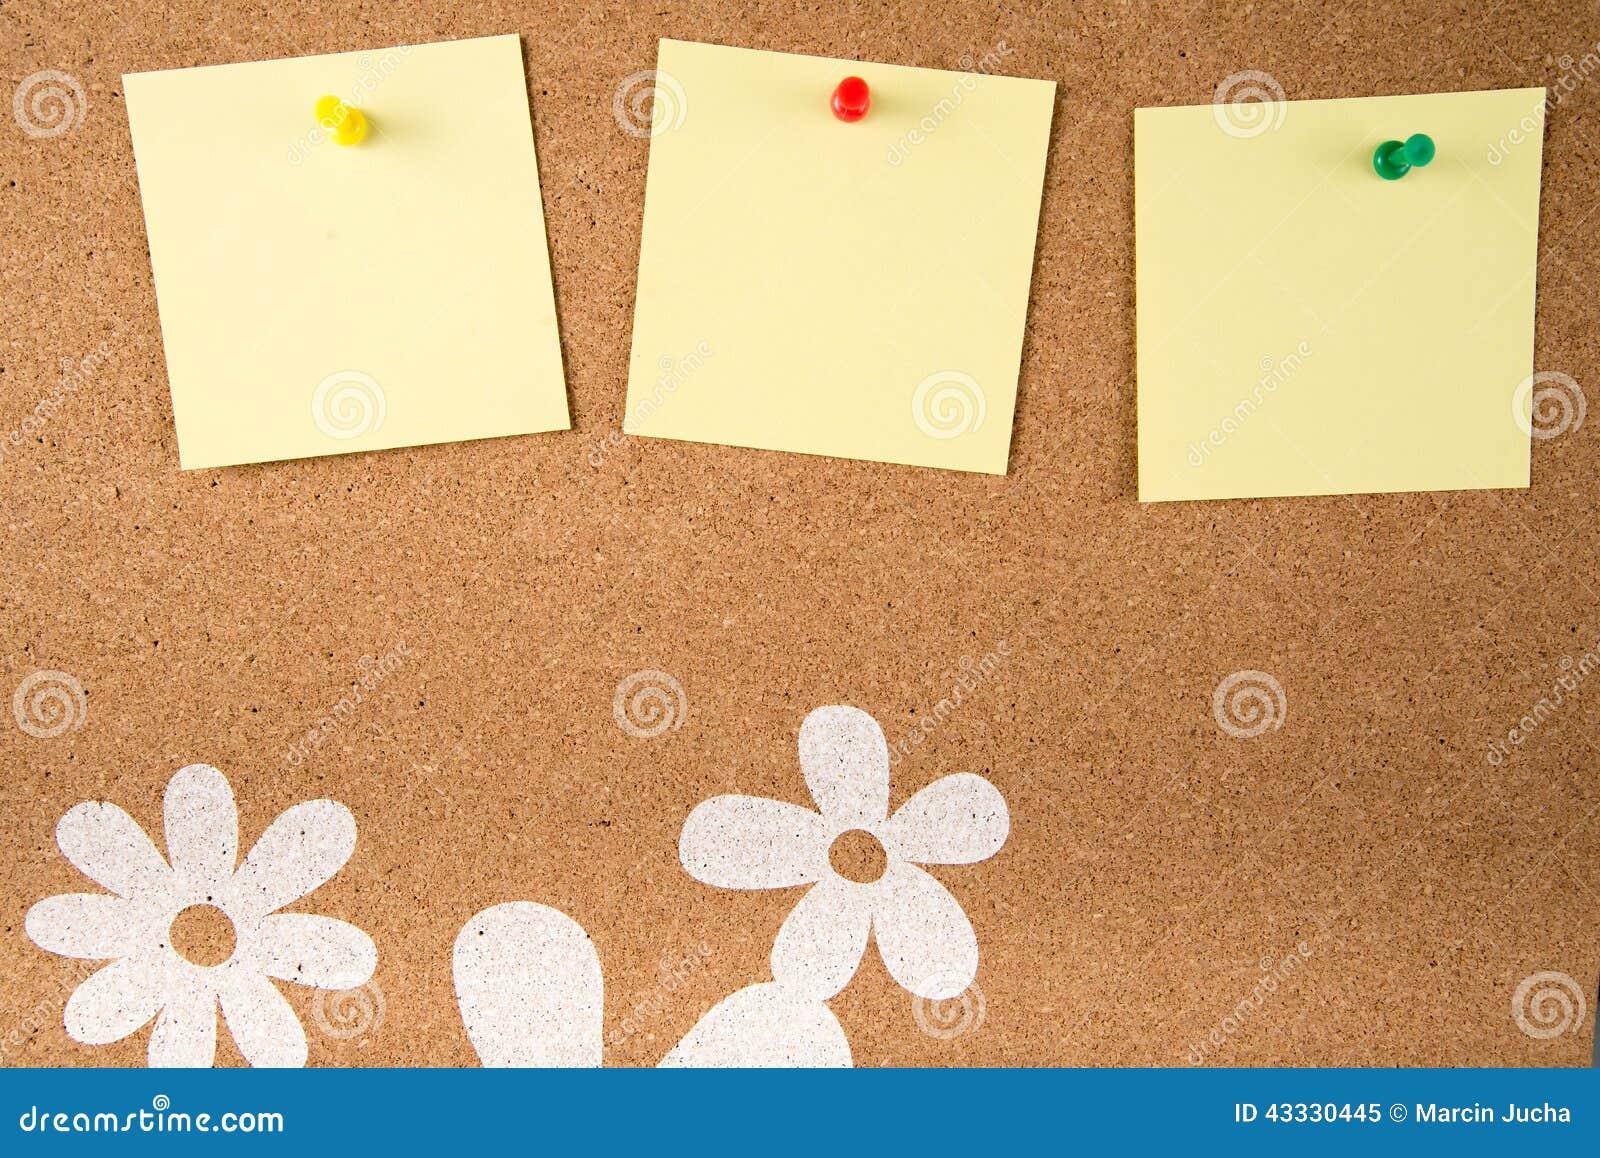 Sticky Note Memo On Board Illustration Image 43330445 – Sticky Note Template